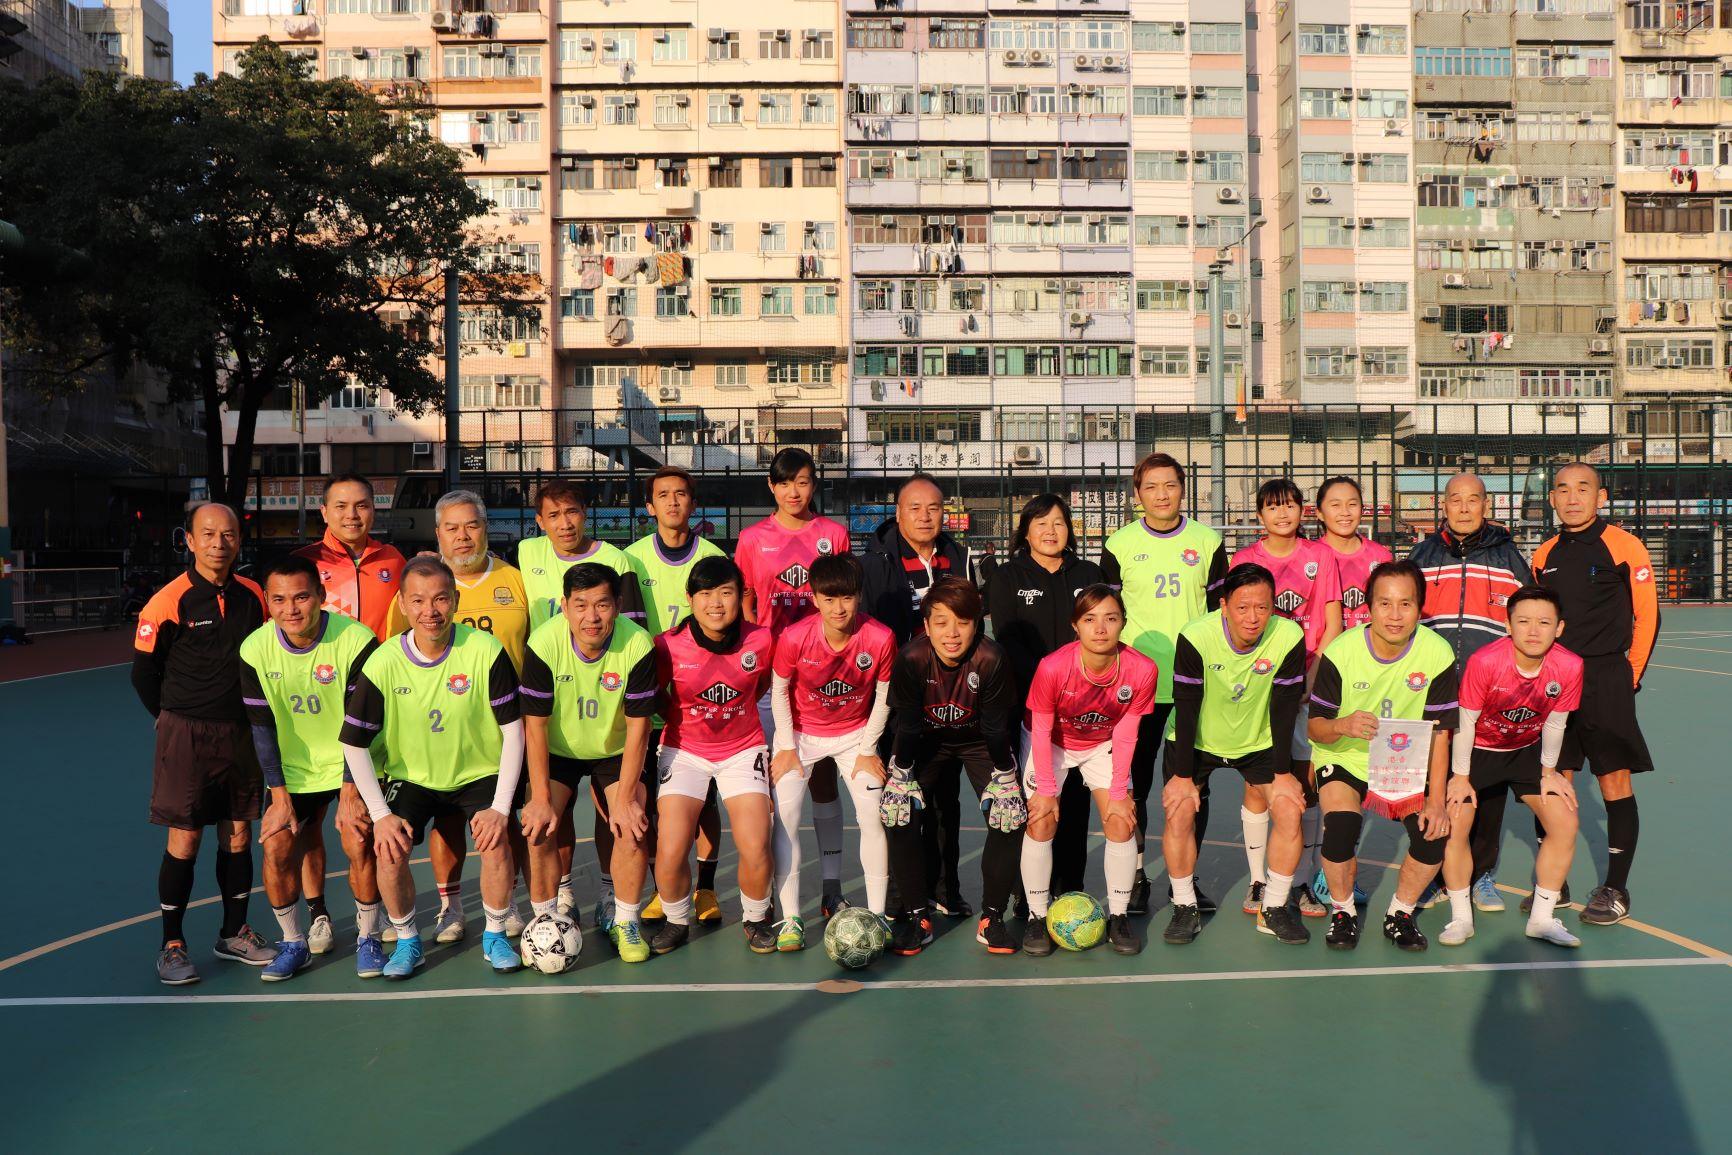 2020-01-31 球員會友賽公民女子隊03ab